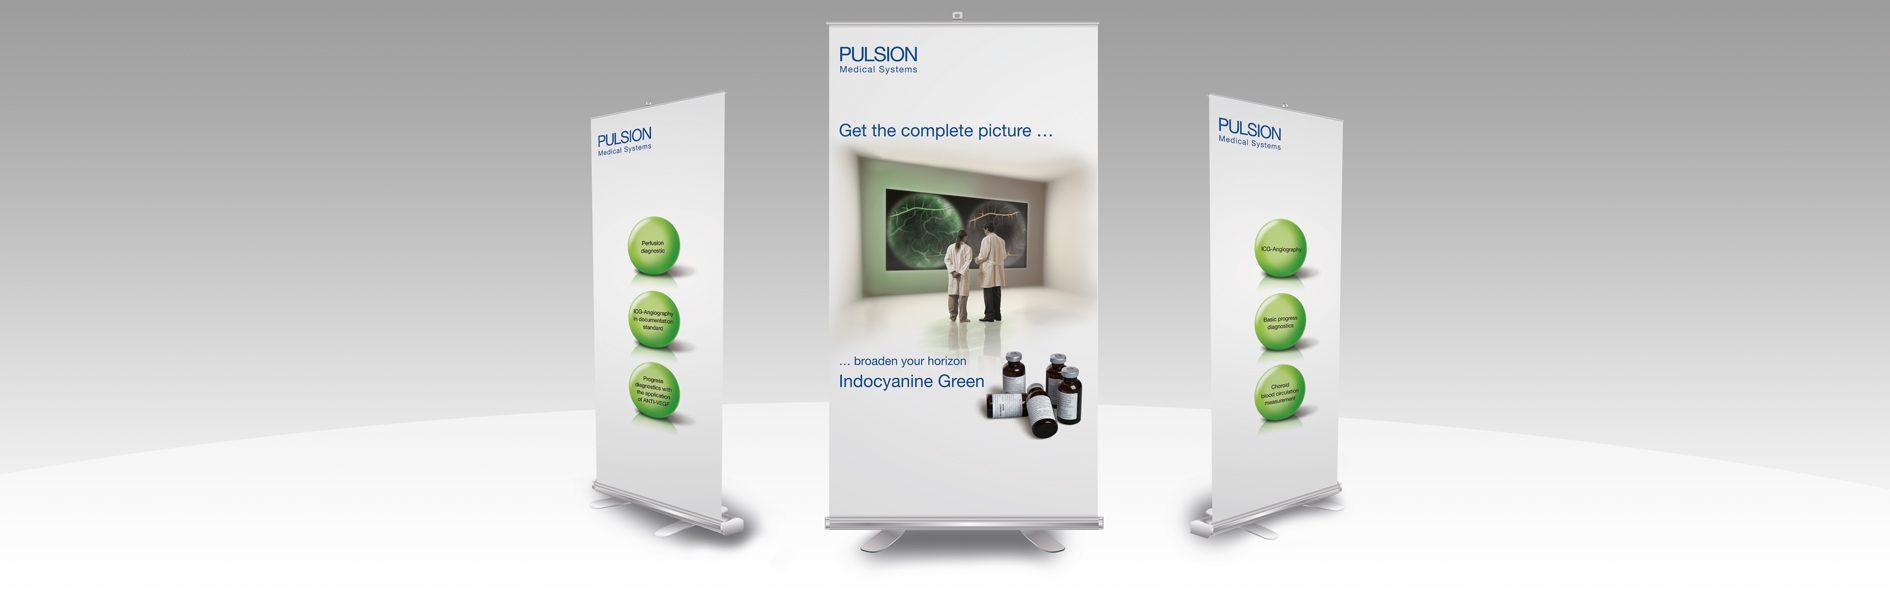 Hier sind die RollUps von Pulsion abgebildet.